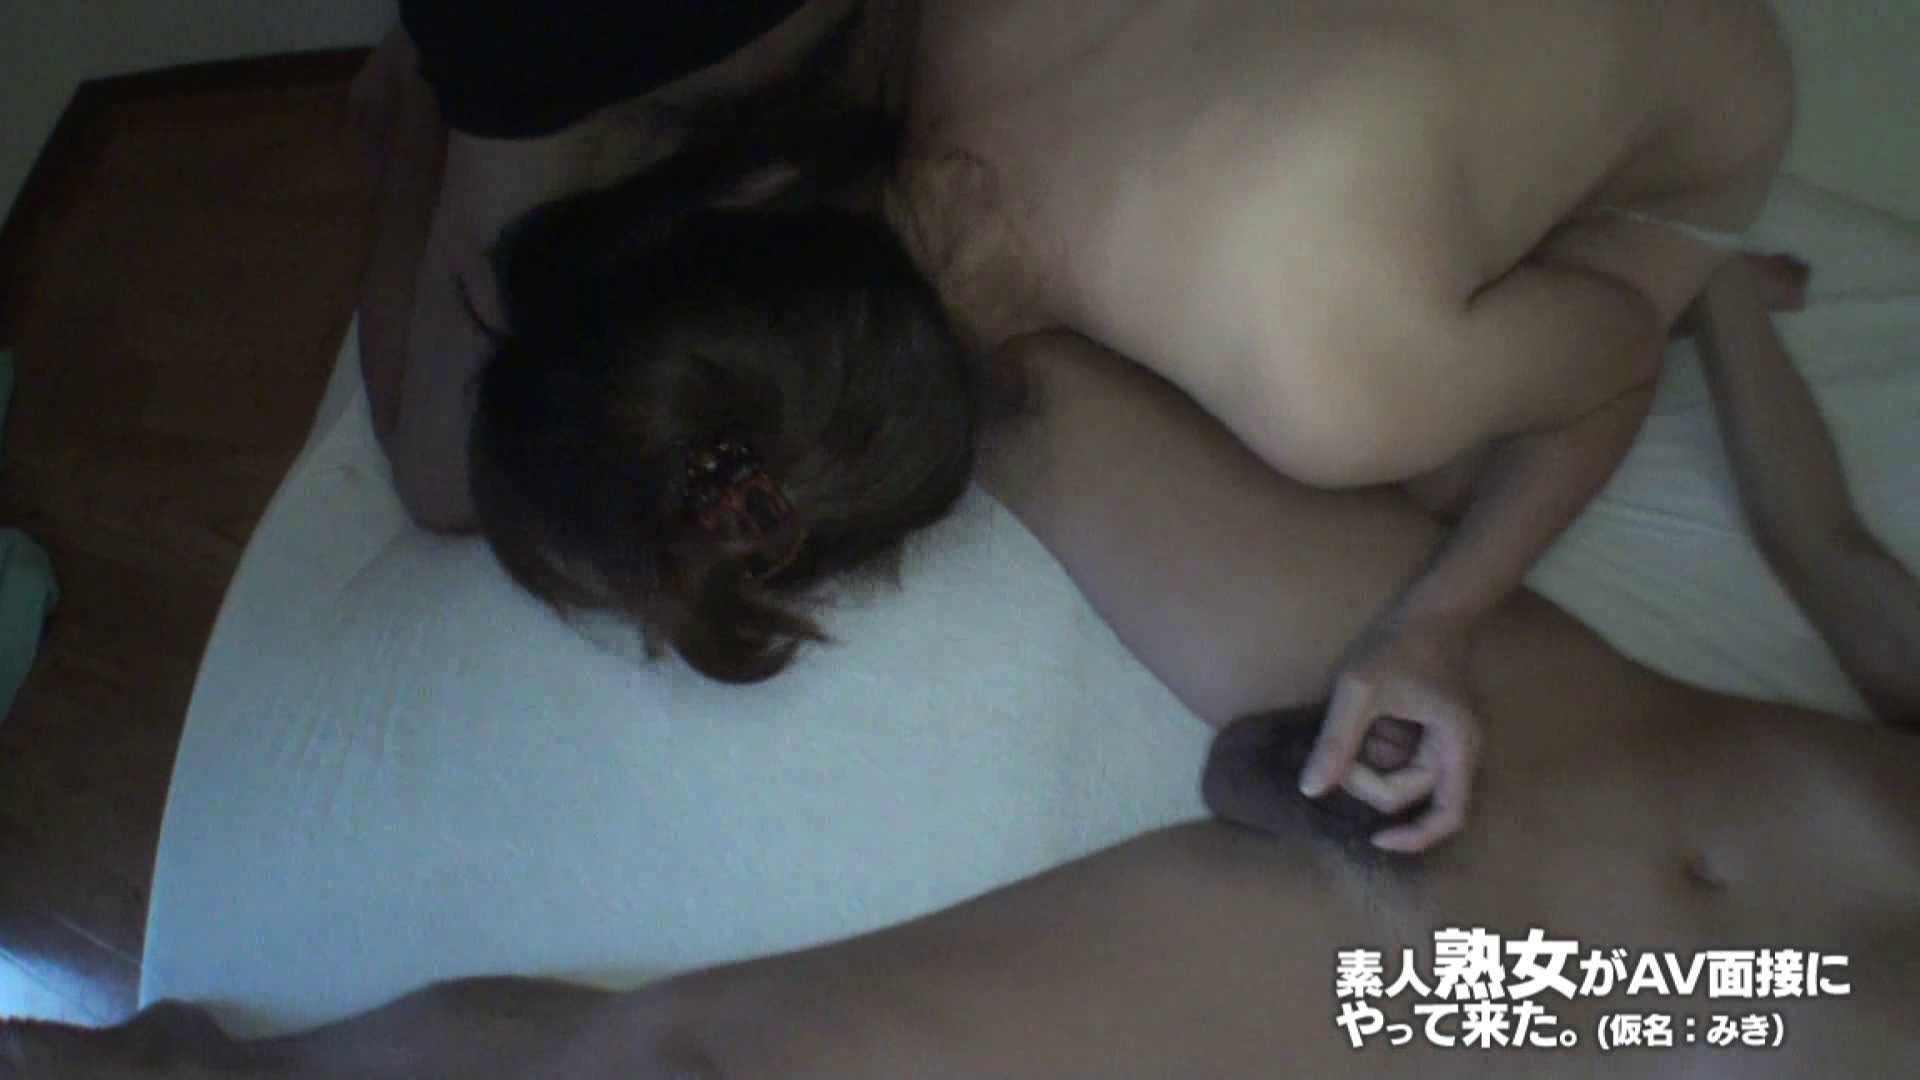 素人熟女がAV面接にやってきた (熟女)みきさんVOL.04(前編) 熟女  90枚 85